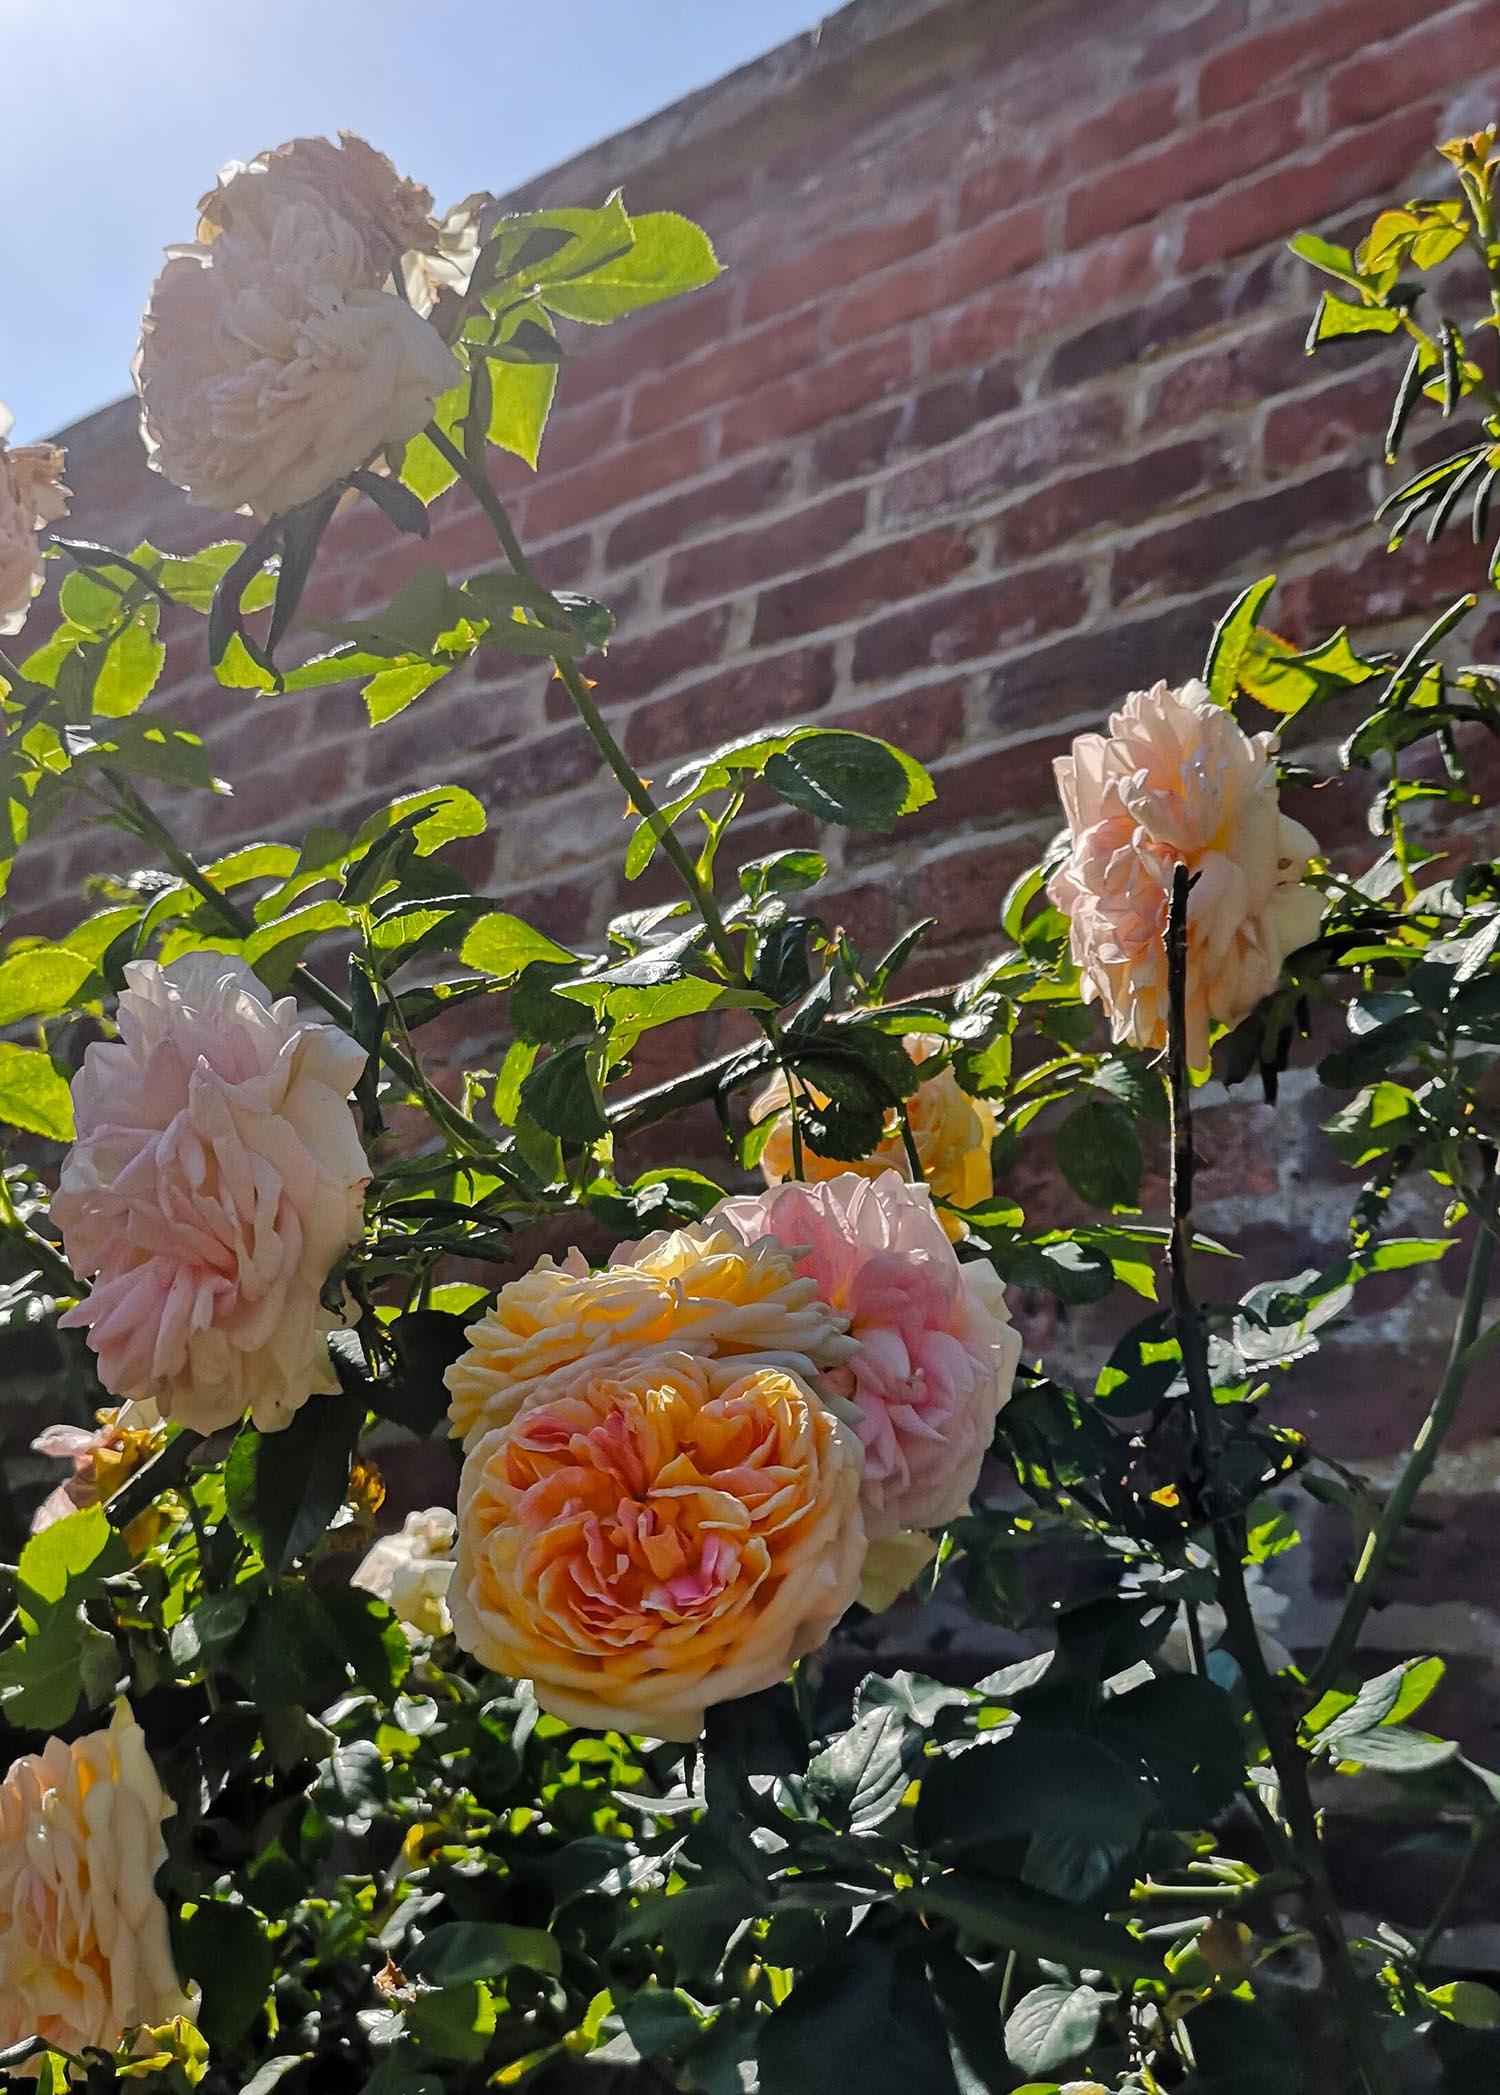 Abbotsford gardens peach roses and wall#.jpg